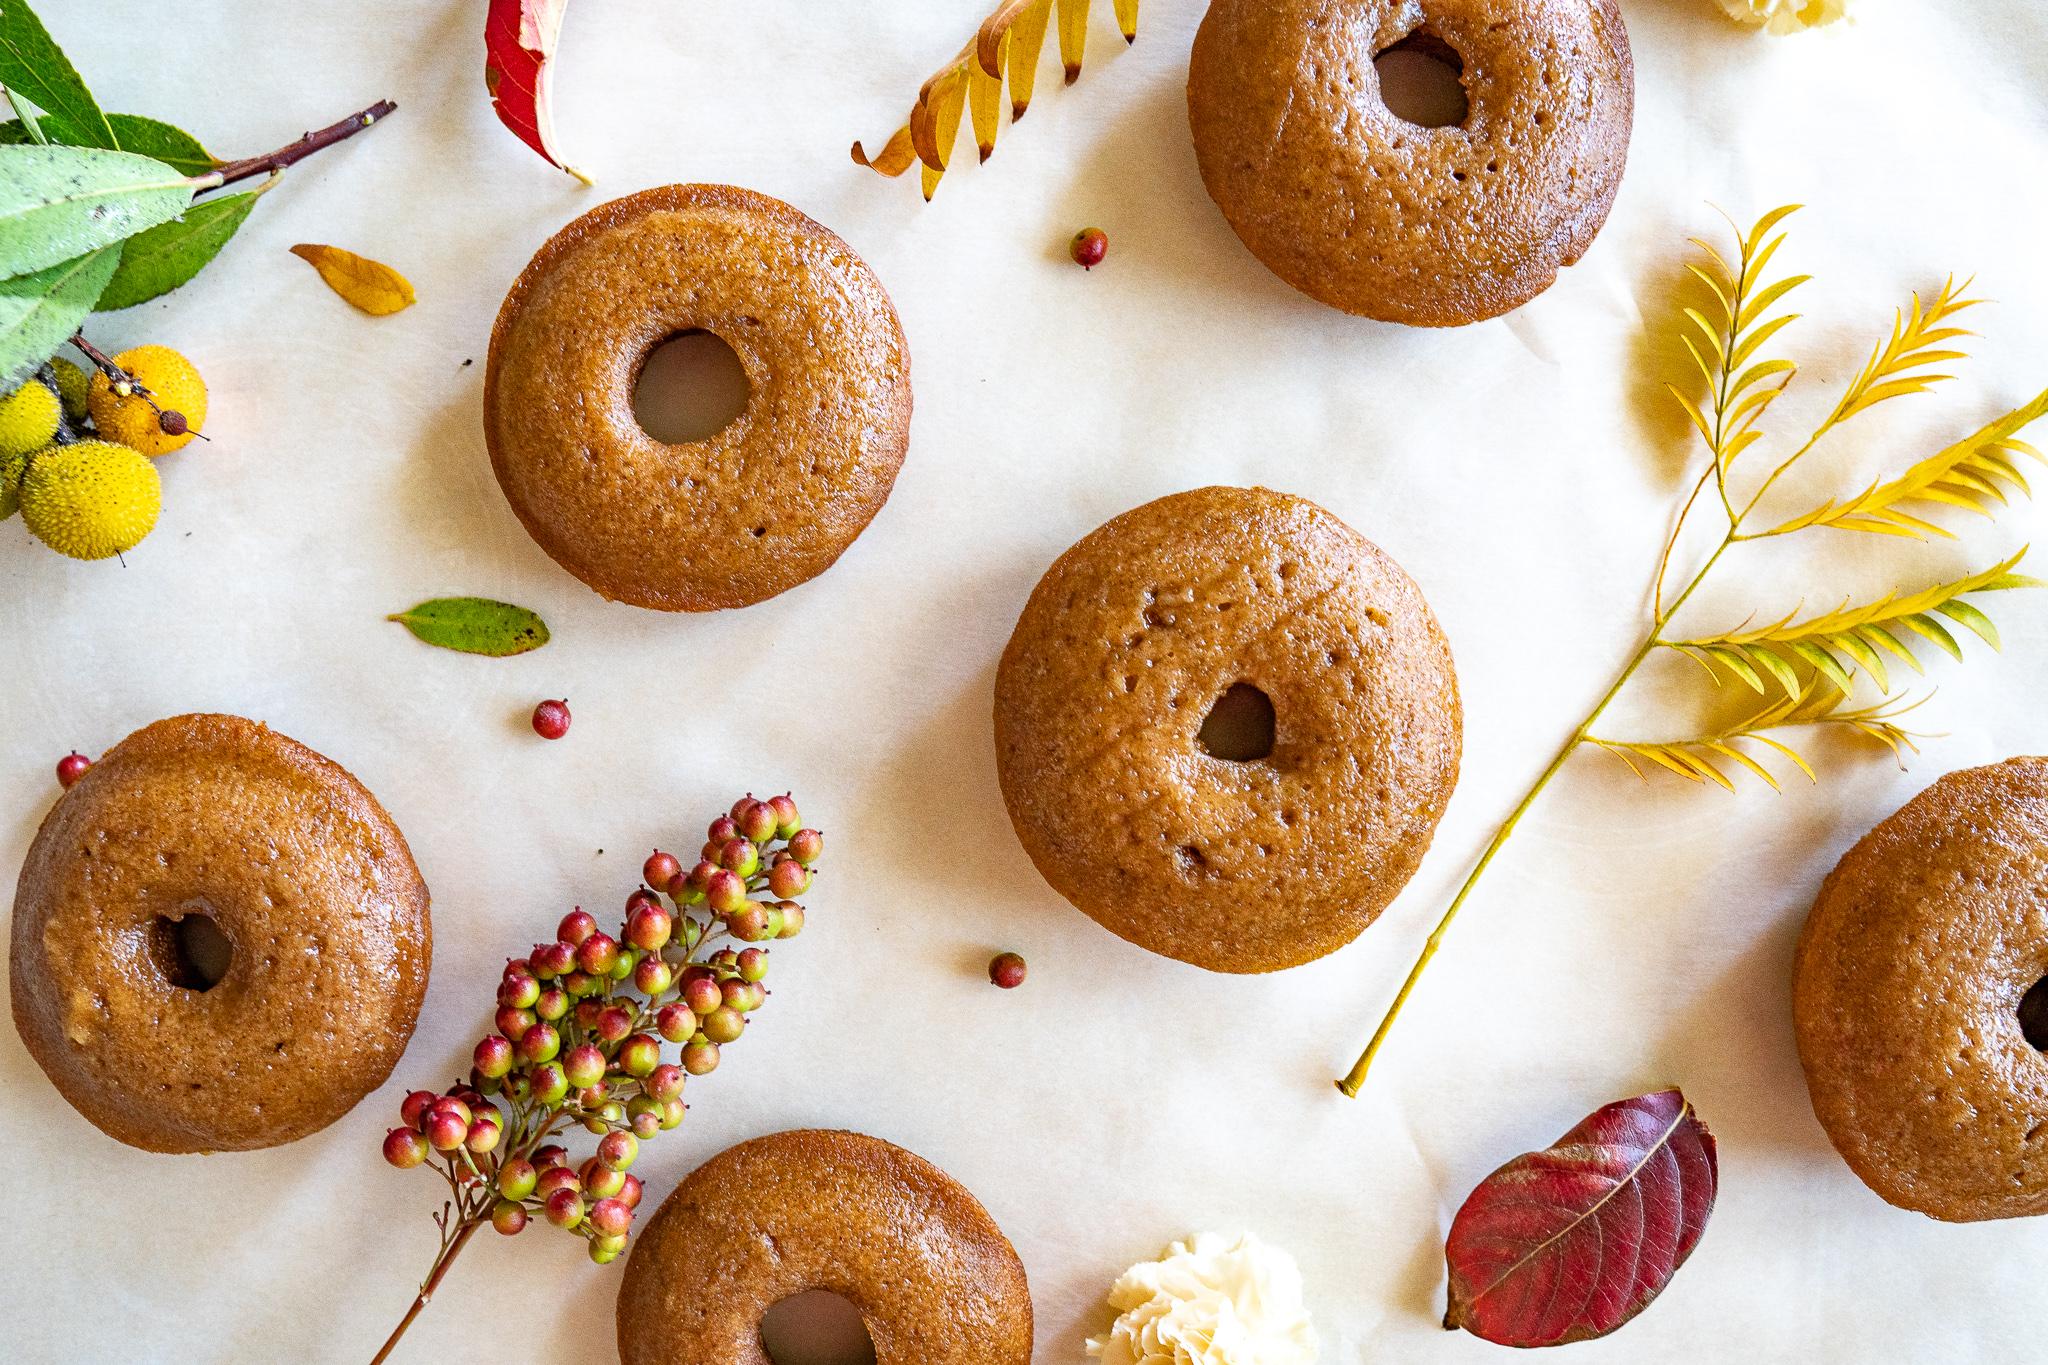 Baked-Apple-Cider-Donuts.jpg